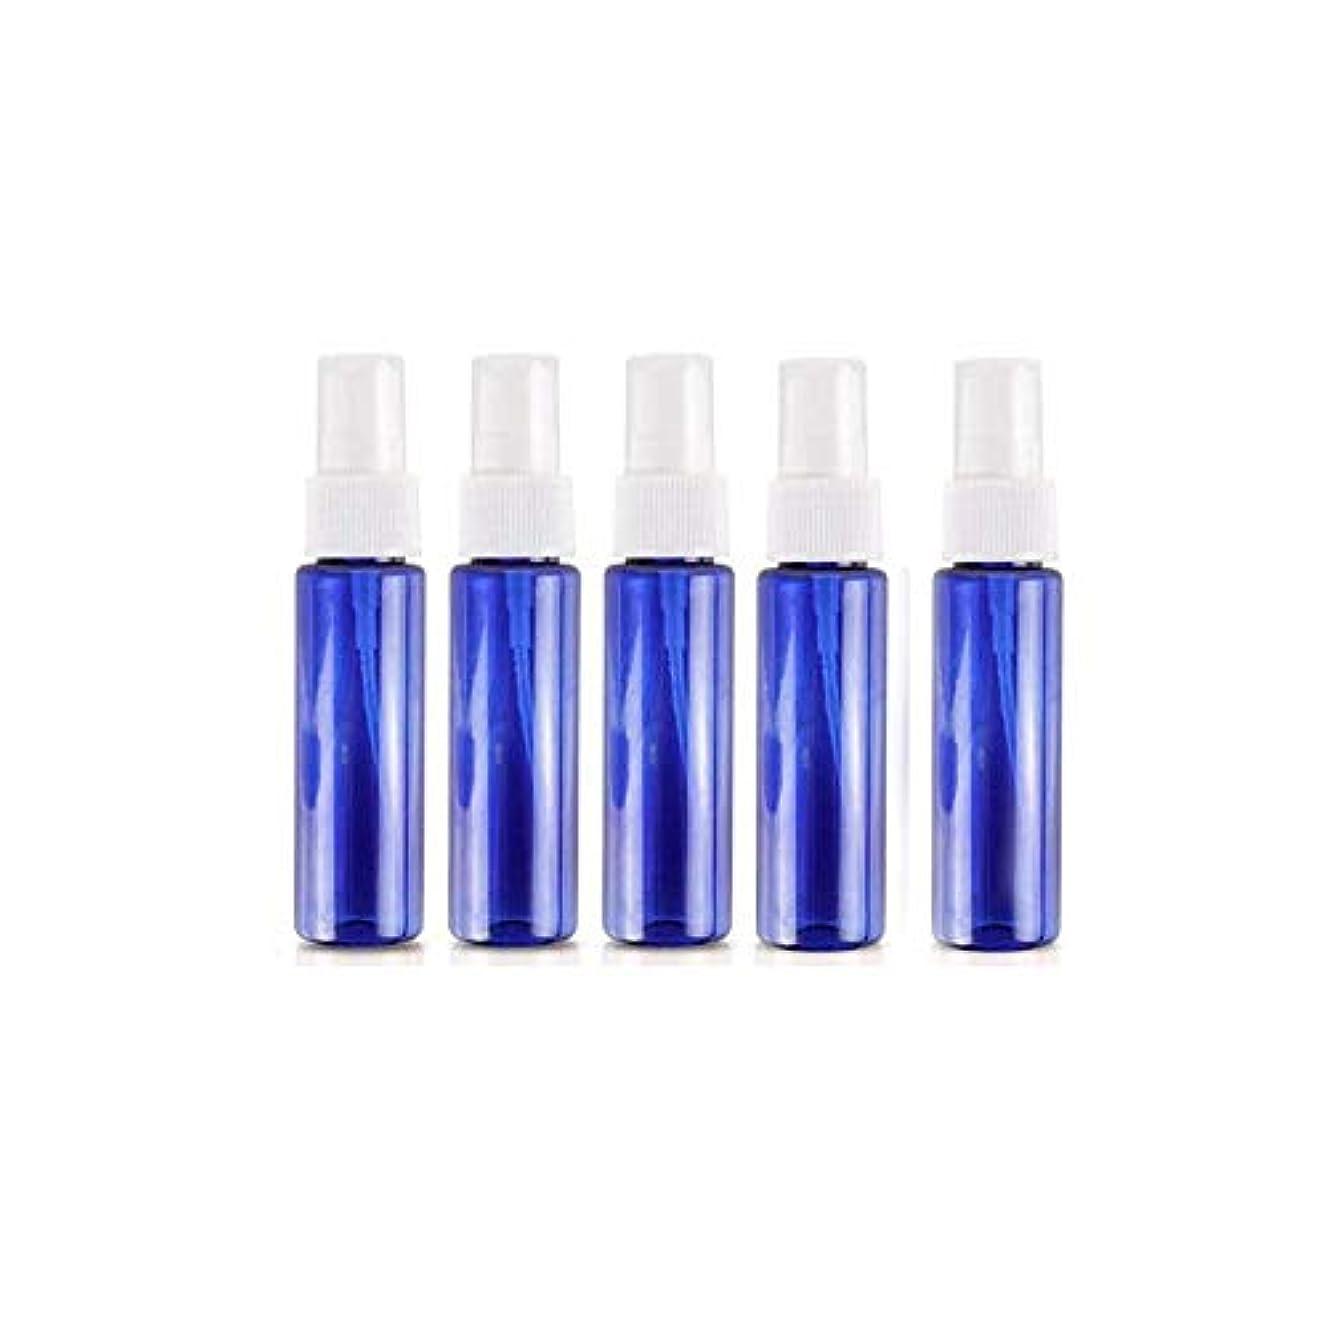 列挙するウミウシ秀でるAomgsd スプレーボトル スプレー容器 遮光瓶スプレー アロマ虫除けスプレー プラスチック製 ミニ 携帯 便利 軽量 30ml 5本 (ブルー)